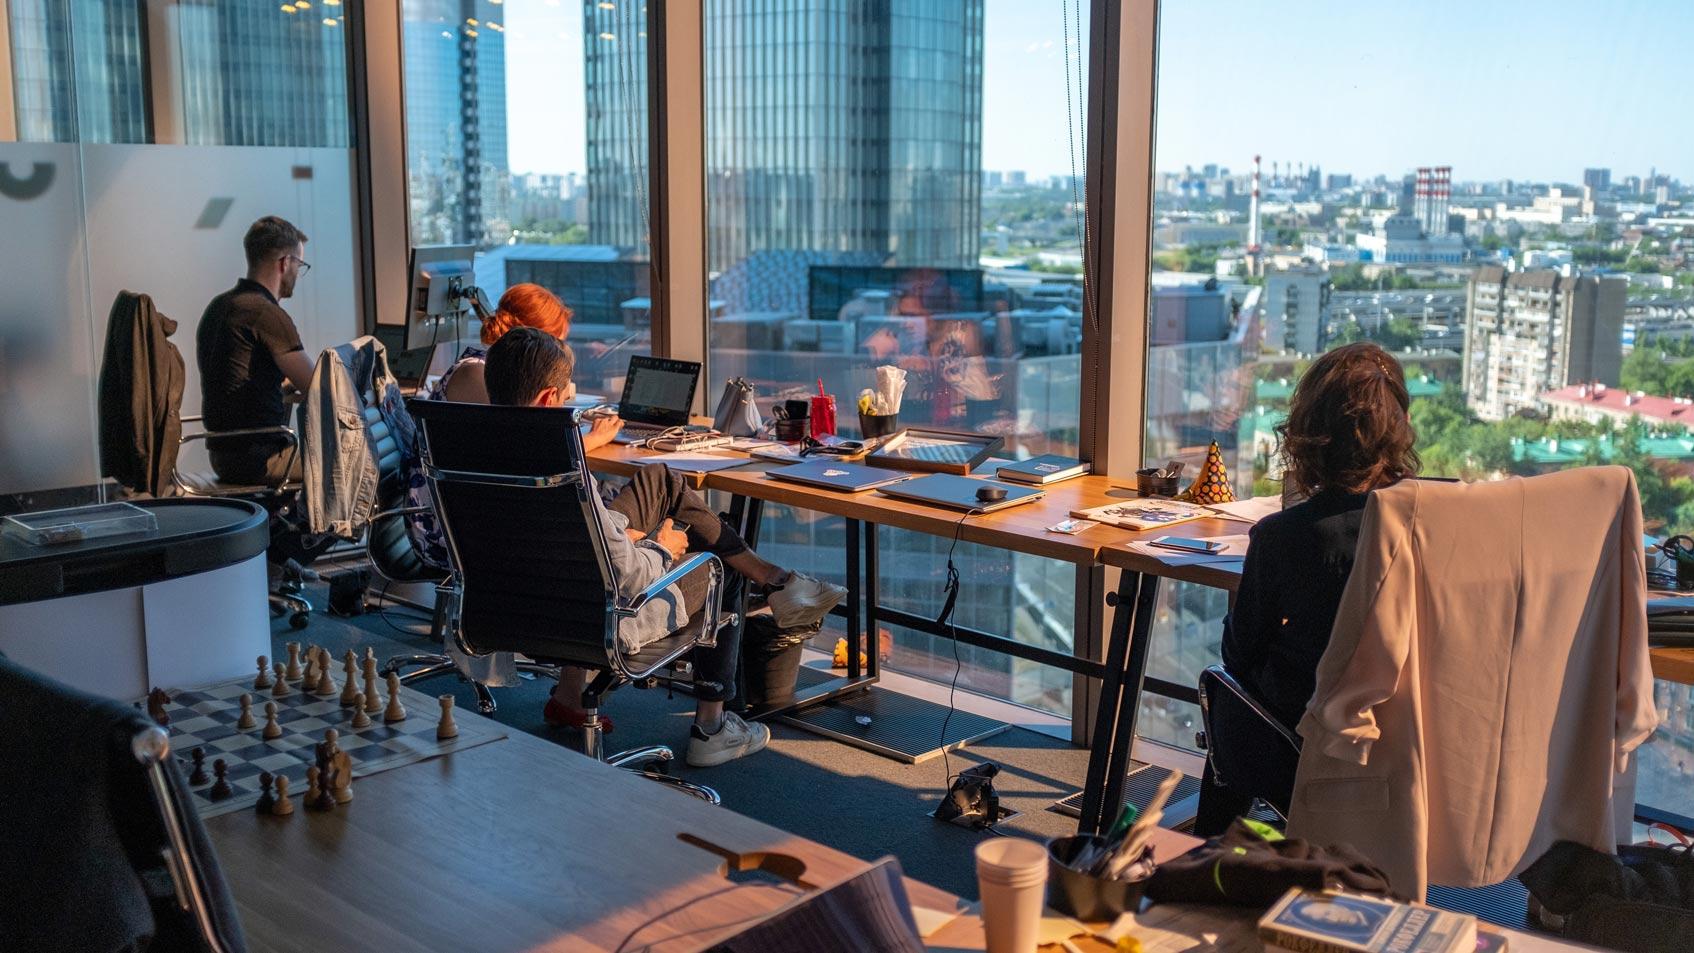 интроверты и экстраверты на работе